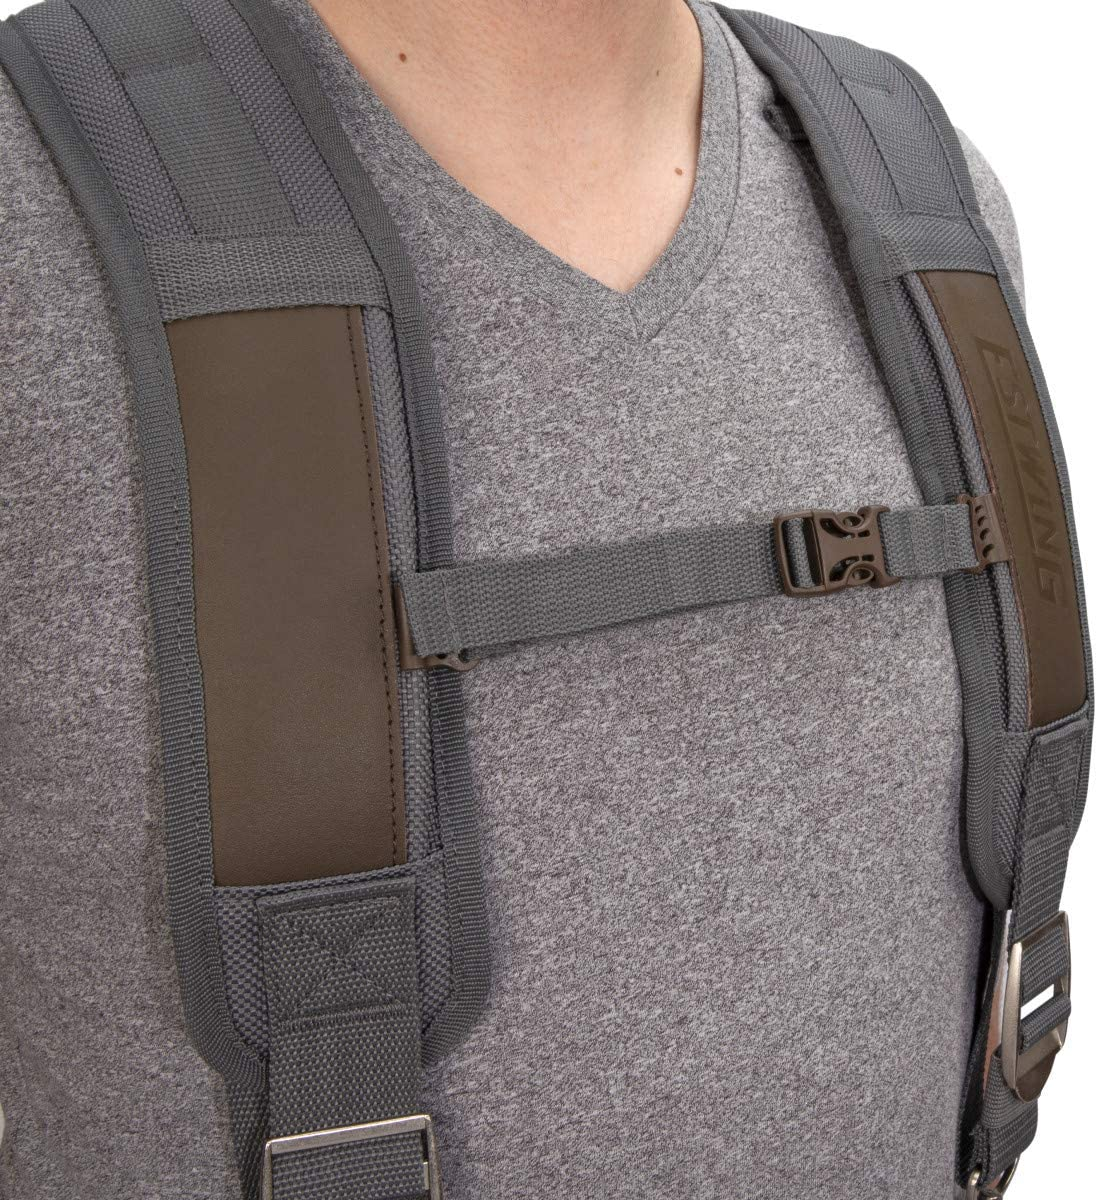 Estwing 94745 15 Pocket Framers Tool Rig